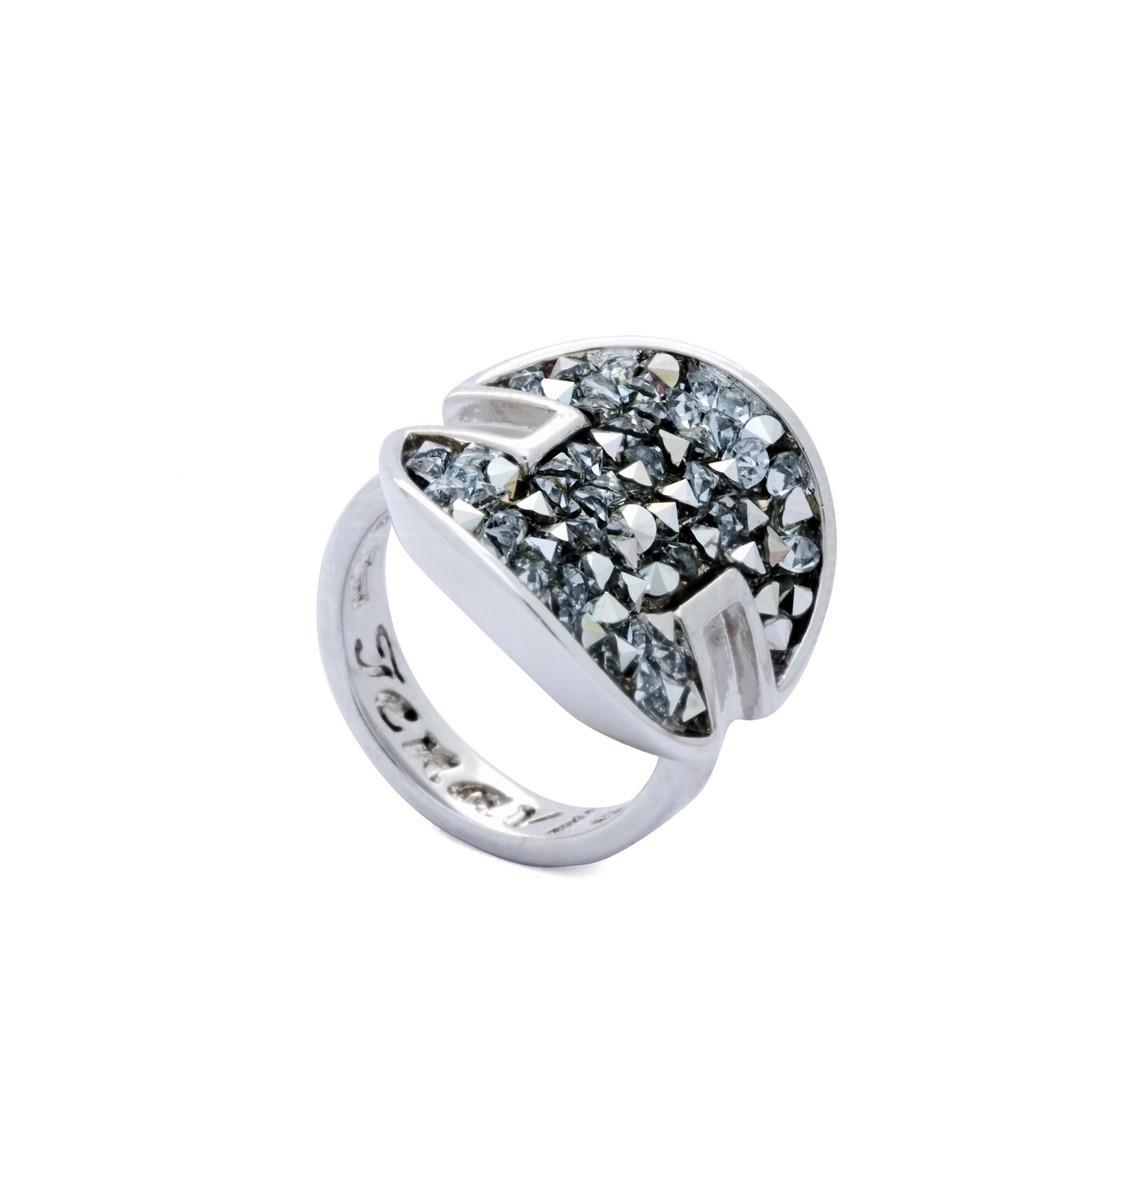 Кольцо Jenavi Октейн, цвет: серебряный, белый. j939f000. Размер 20j939f000Элегантное кольцо Jenavi Октейн выполнено из гипоаллергенного ювелирного сплава, оформлено символикой бренда и кристаллами Swarovski. Стильное кольцо придаст вашему образу изюминку, подчеркнет индивидуальность.